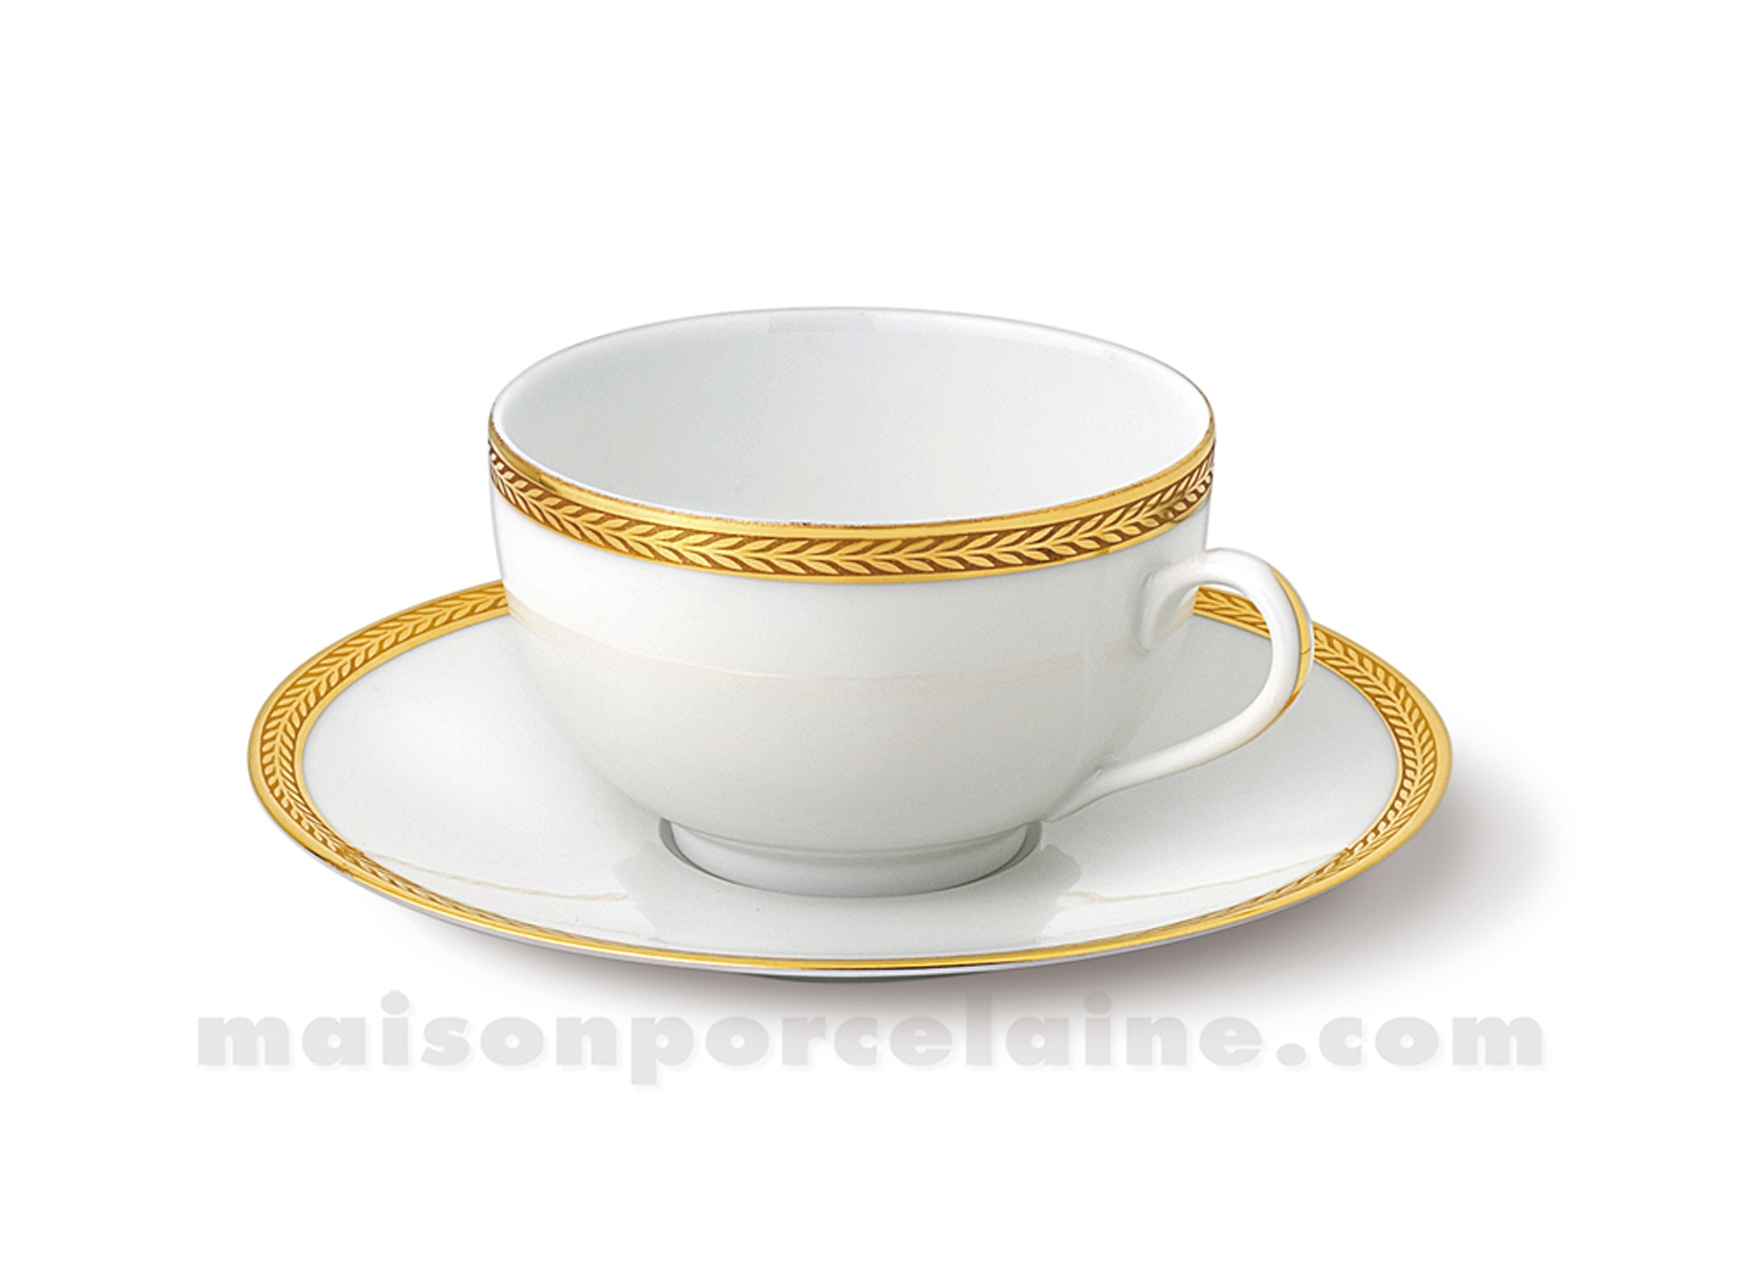 Tasse the soucoupe limoges envie 24cl maison de la - La maison de porcelaine ...